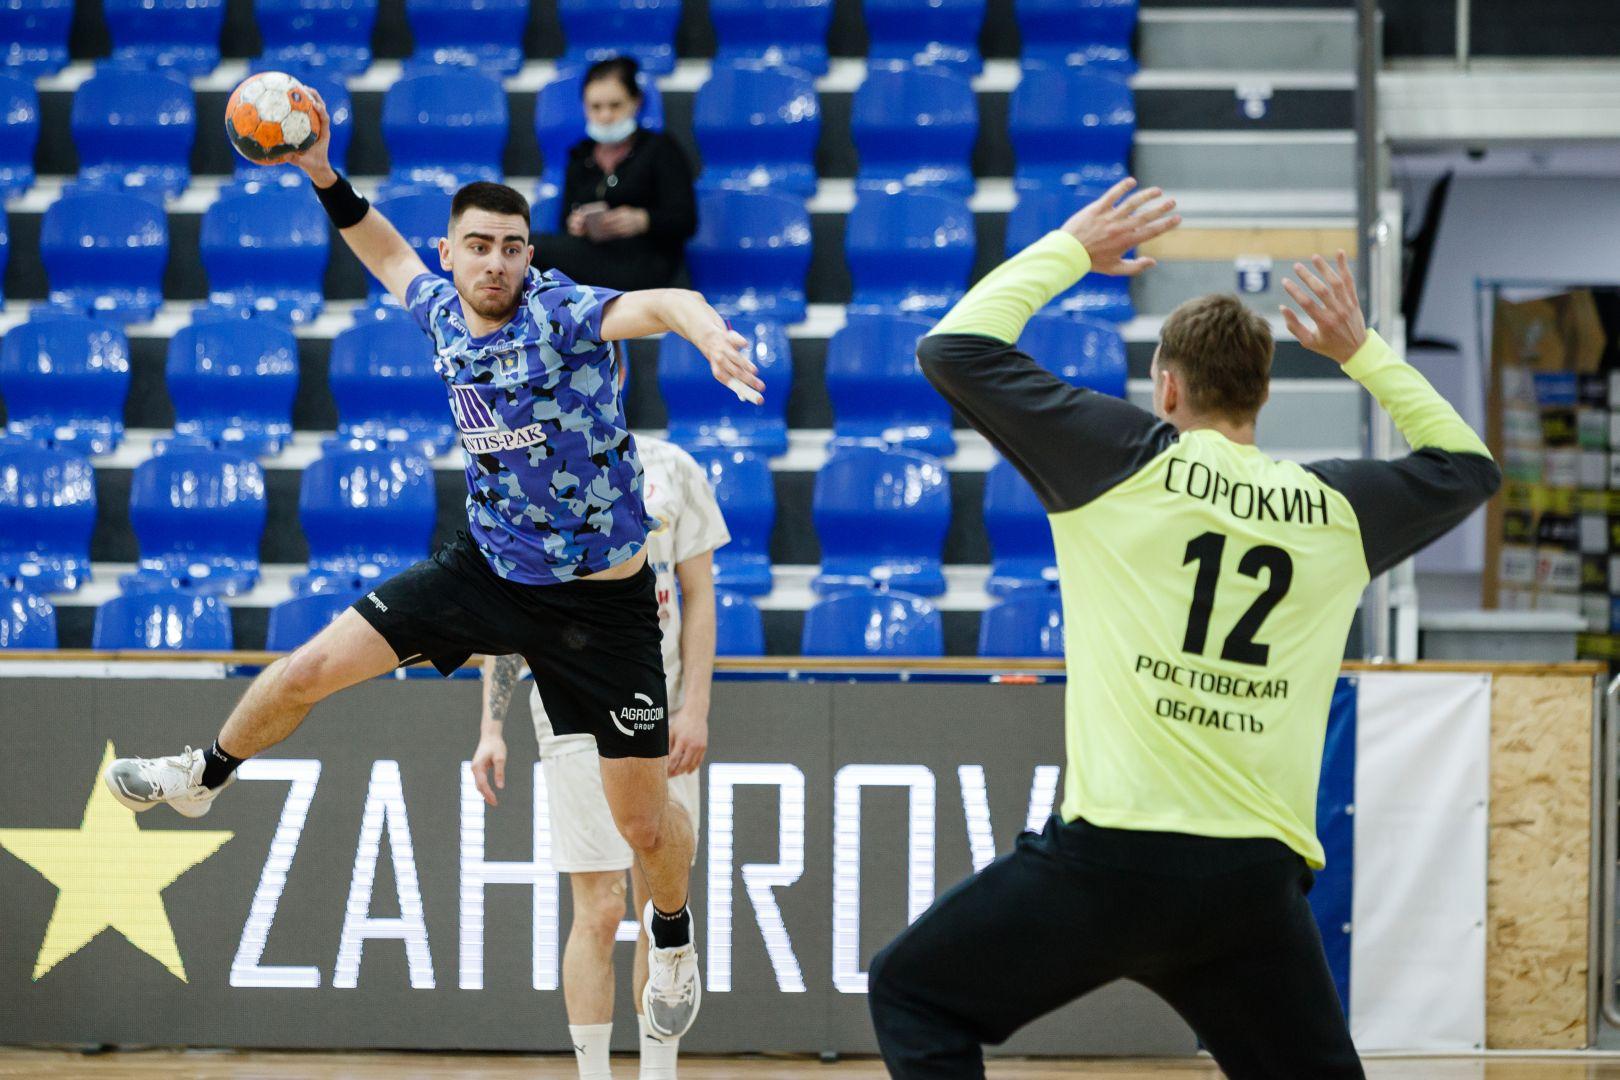 Гандбольный клуб Ставрополя одержал победу в очередном матче чемпионата России в мужской Суперлиге